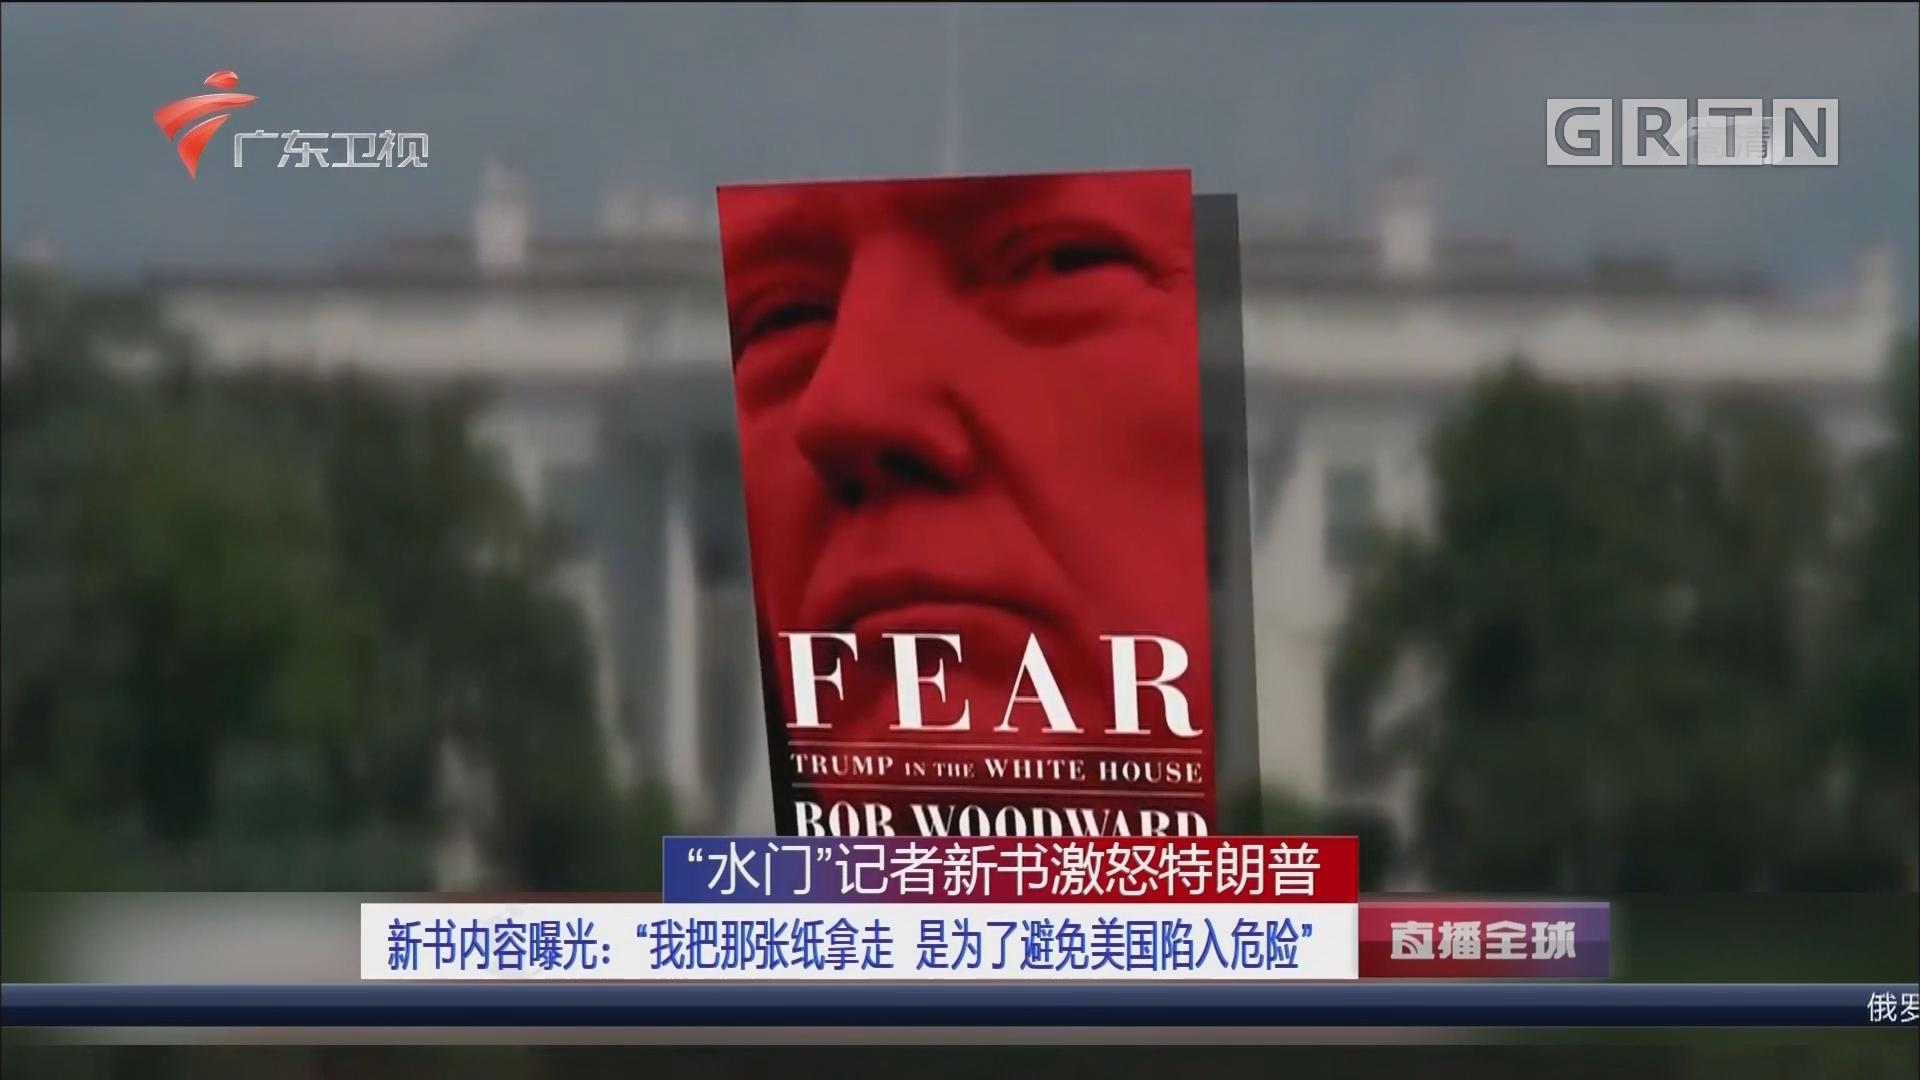 """""""水门""""记者新书激怒特朗普 新书内容曝光:""""我把那张纸拿走 是为了避免美国陷入危险"""""""